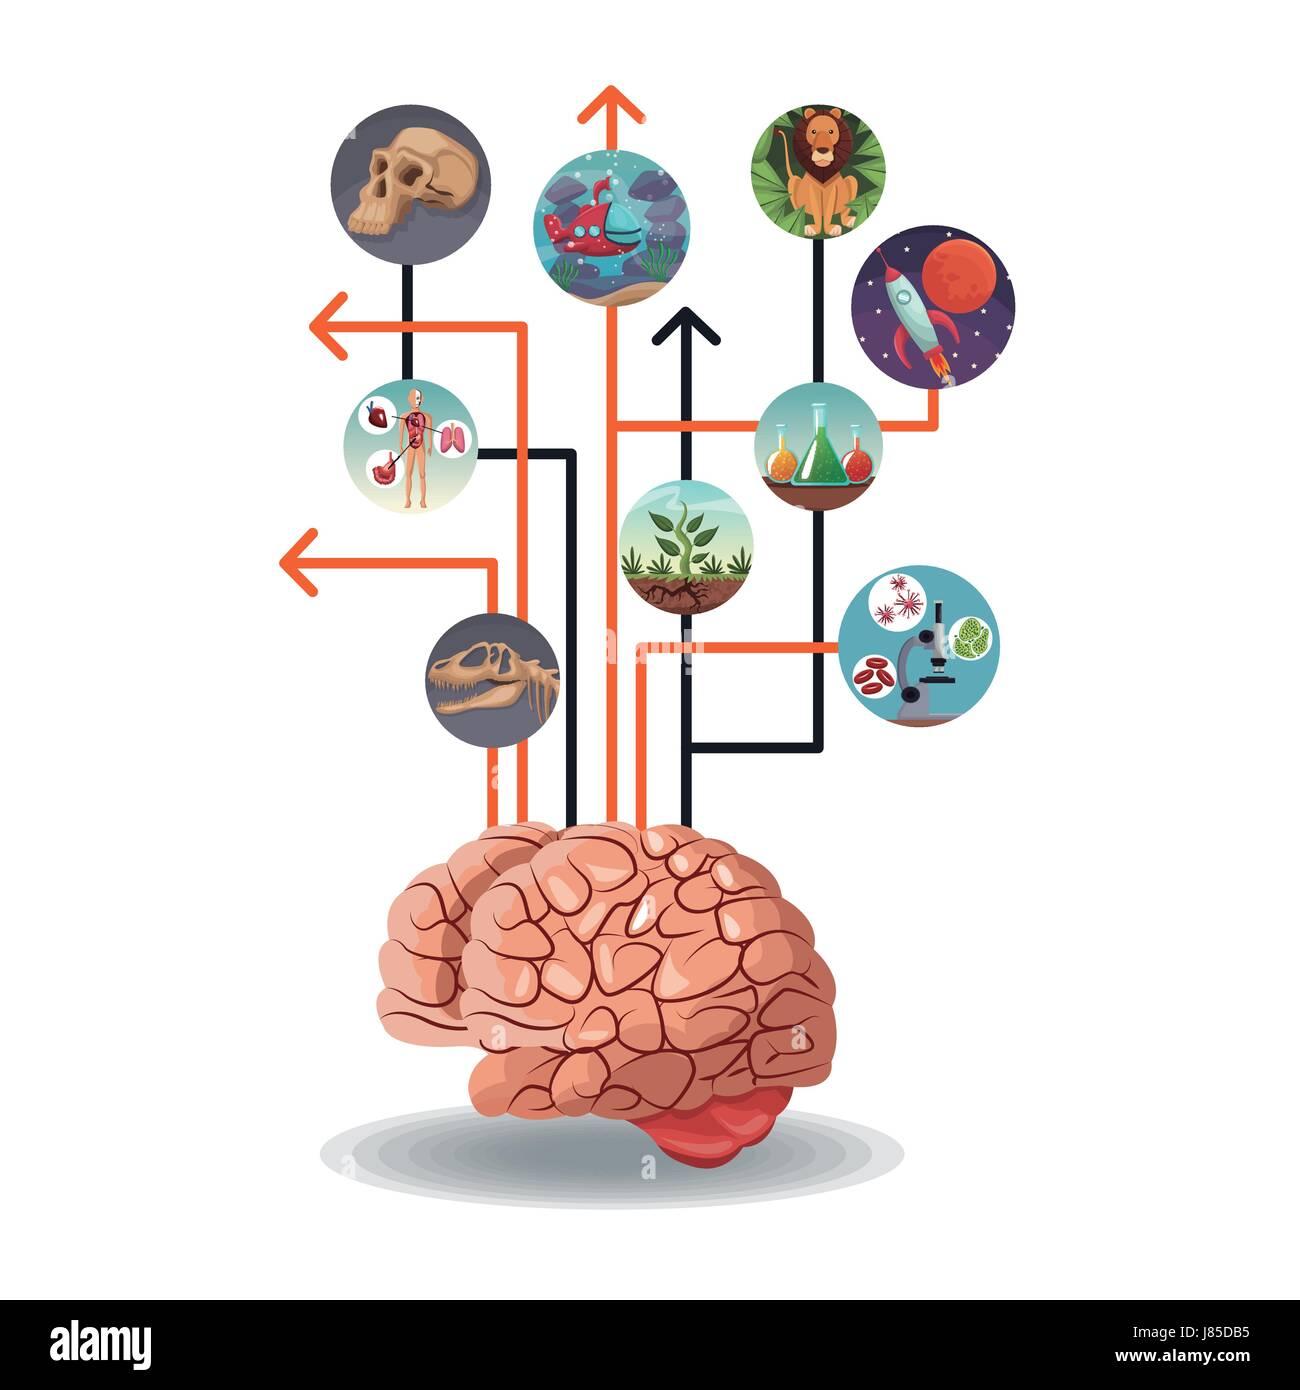 Ziemlich Das Gehirn Markierte Diagramm Galerie - Menschliche ...